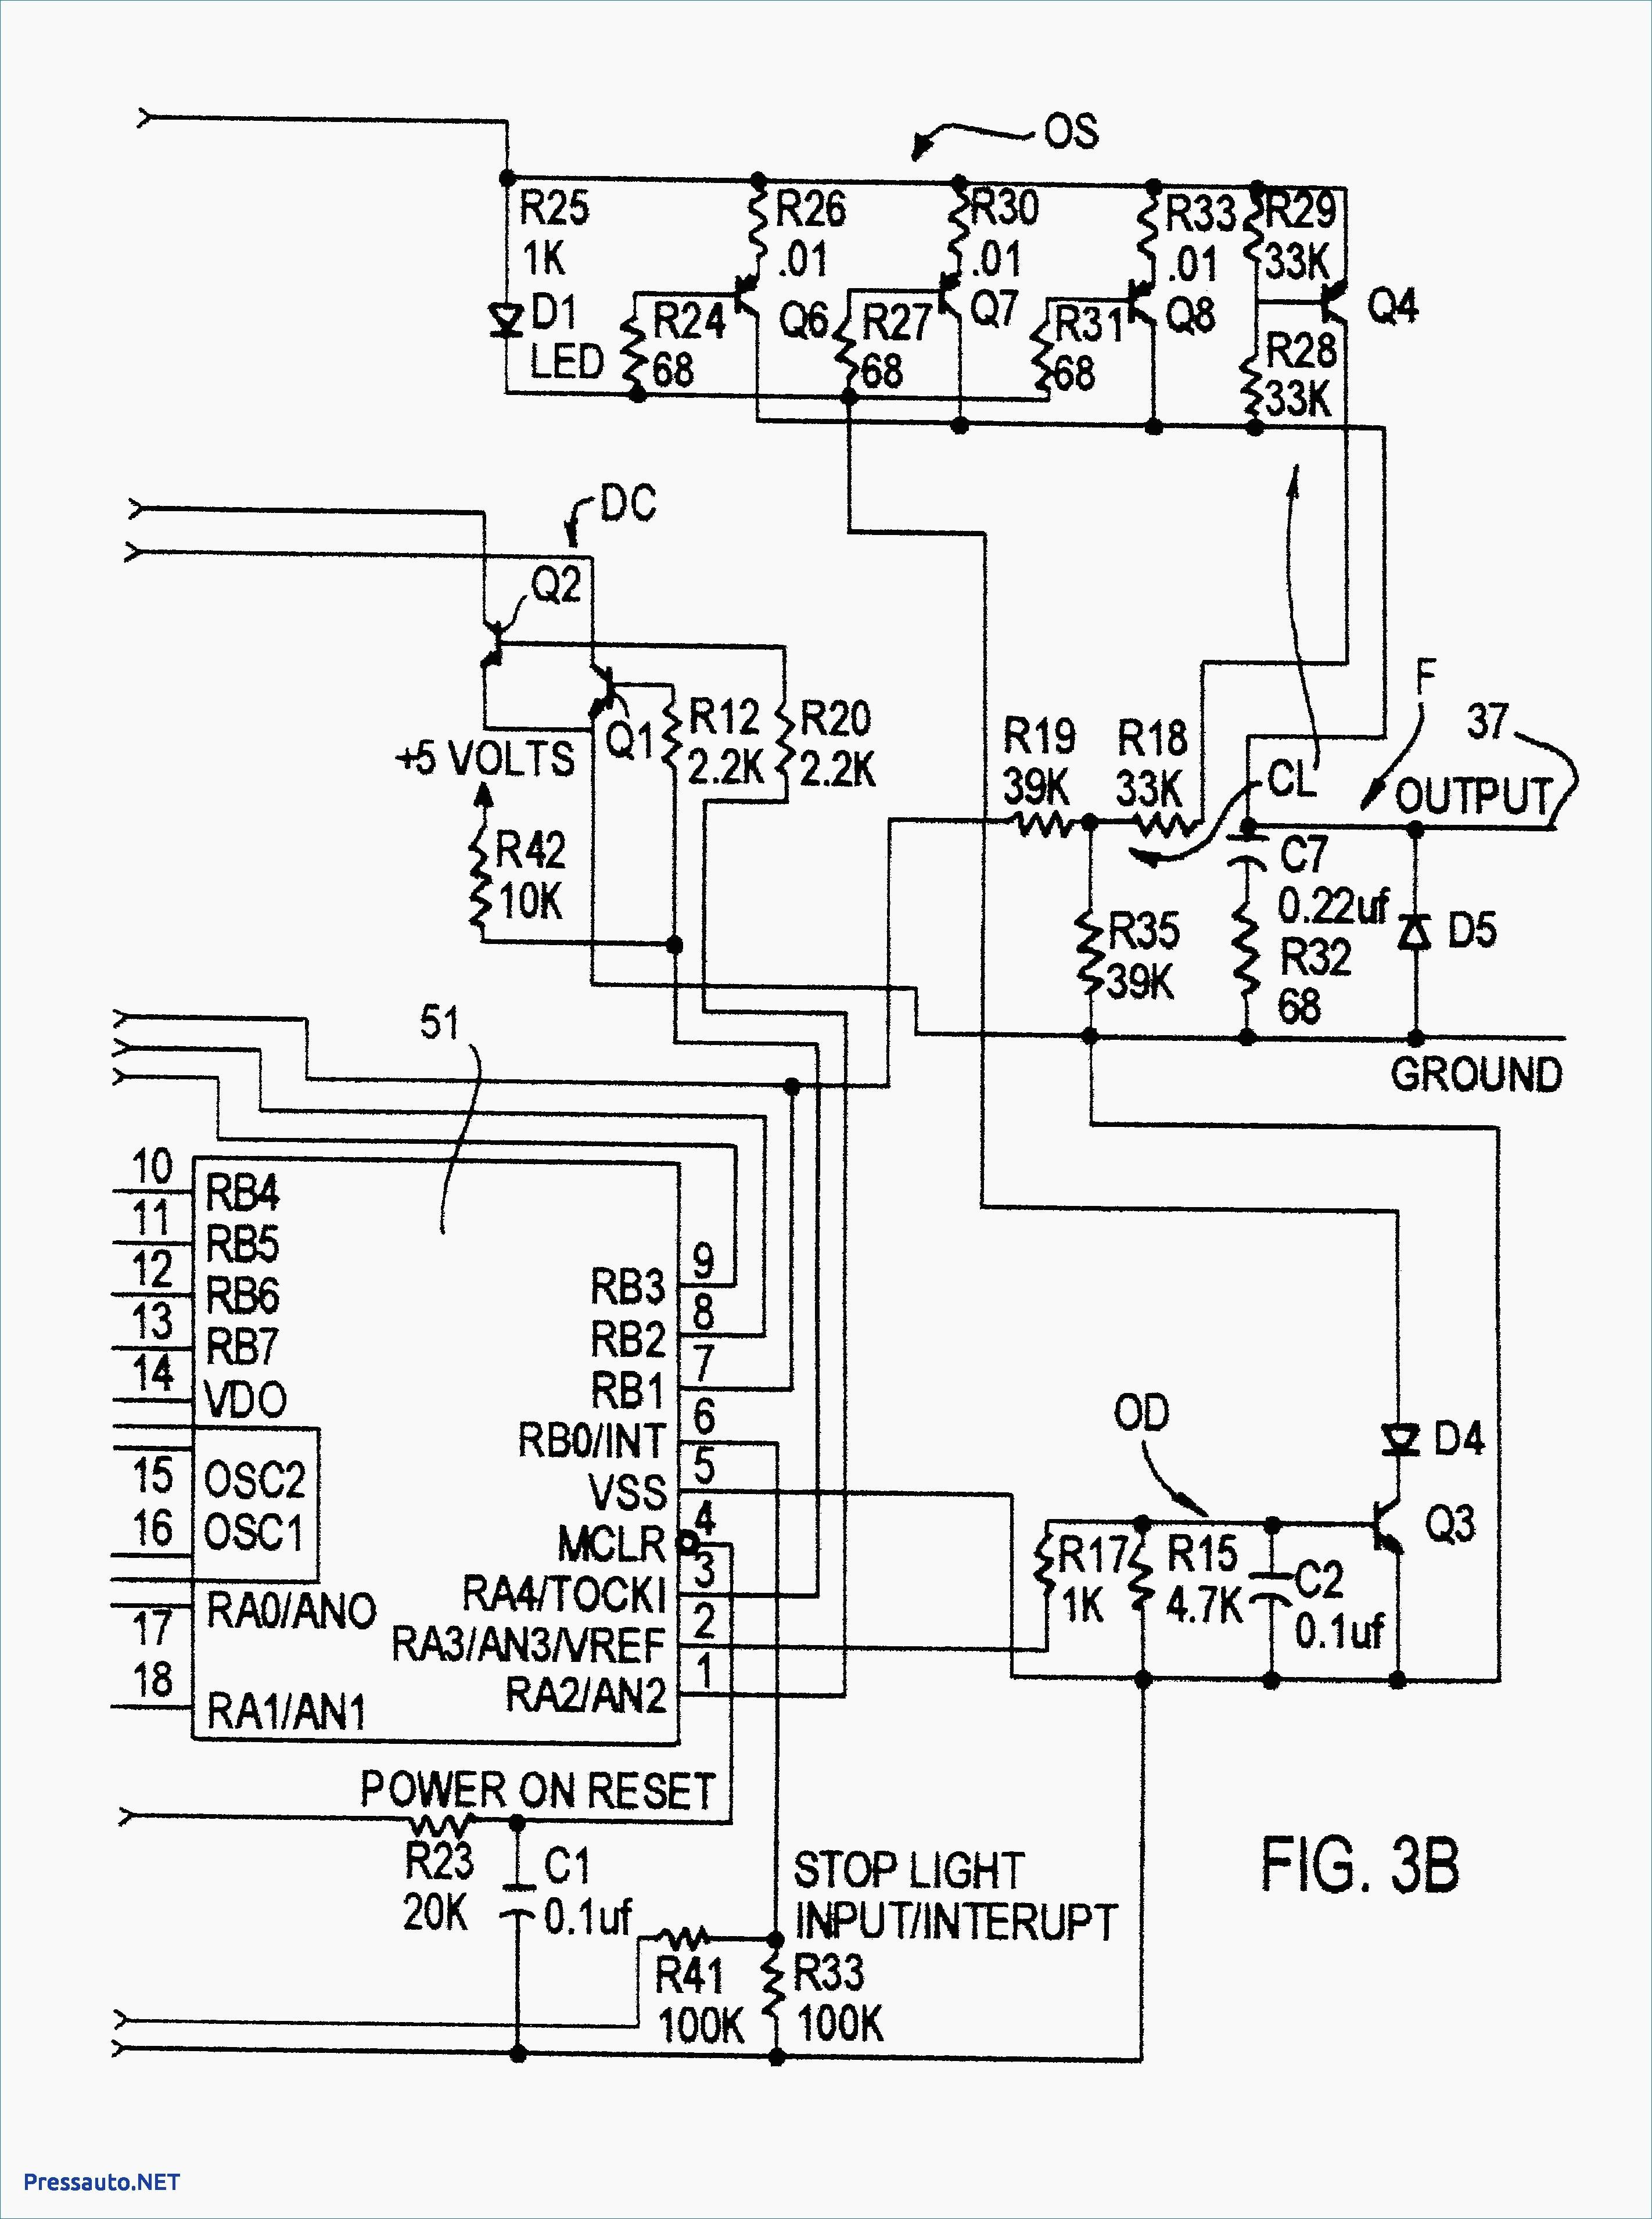 simplicity lawn tractor wiring diagram - wiring diagram snap -  snap.tartufoavaltopina.it  tartufoavaltopina.it